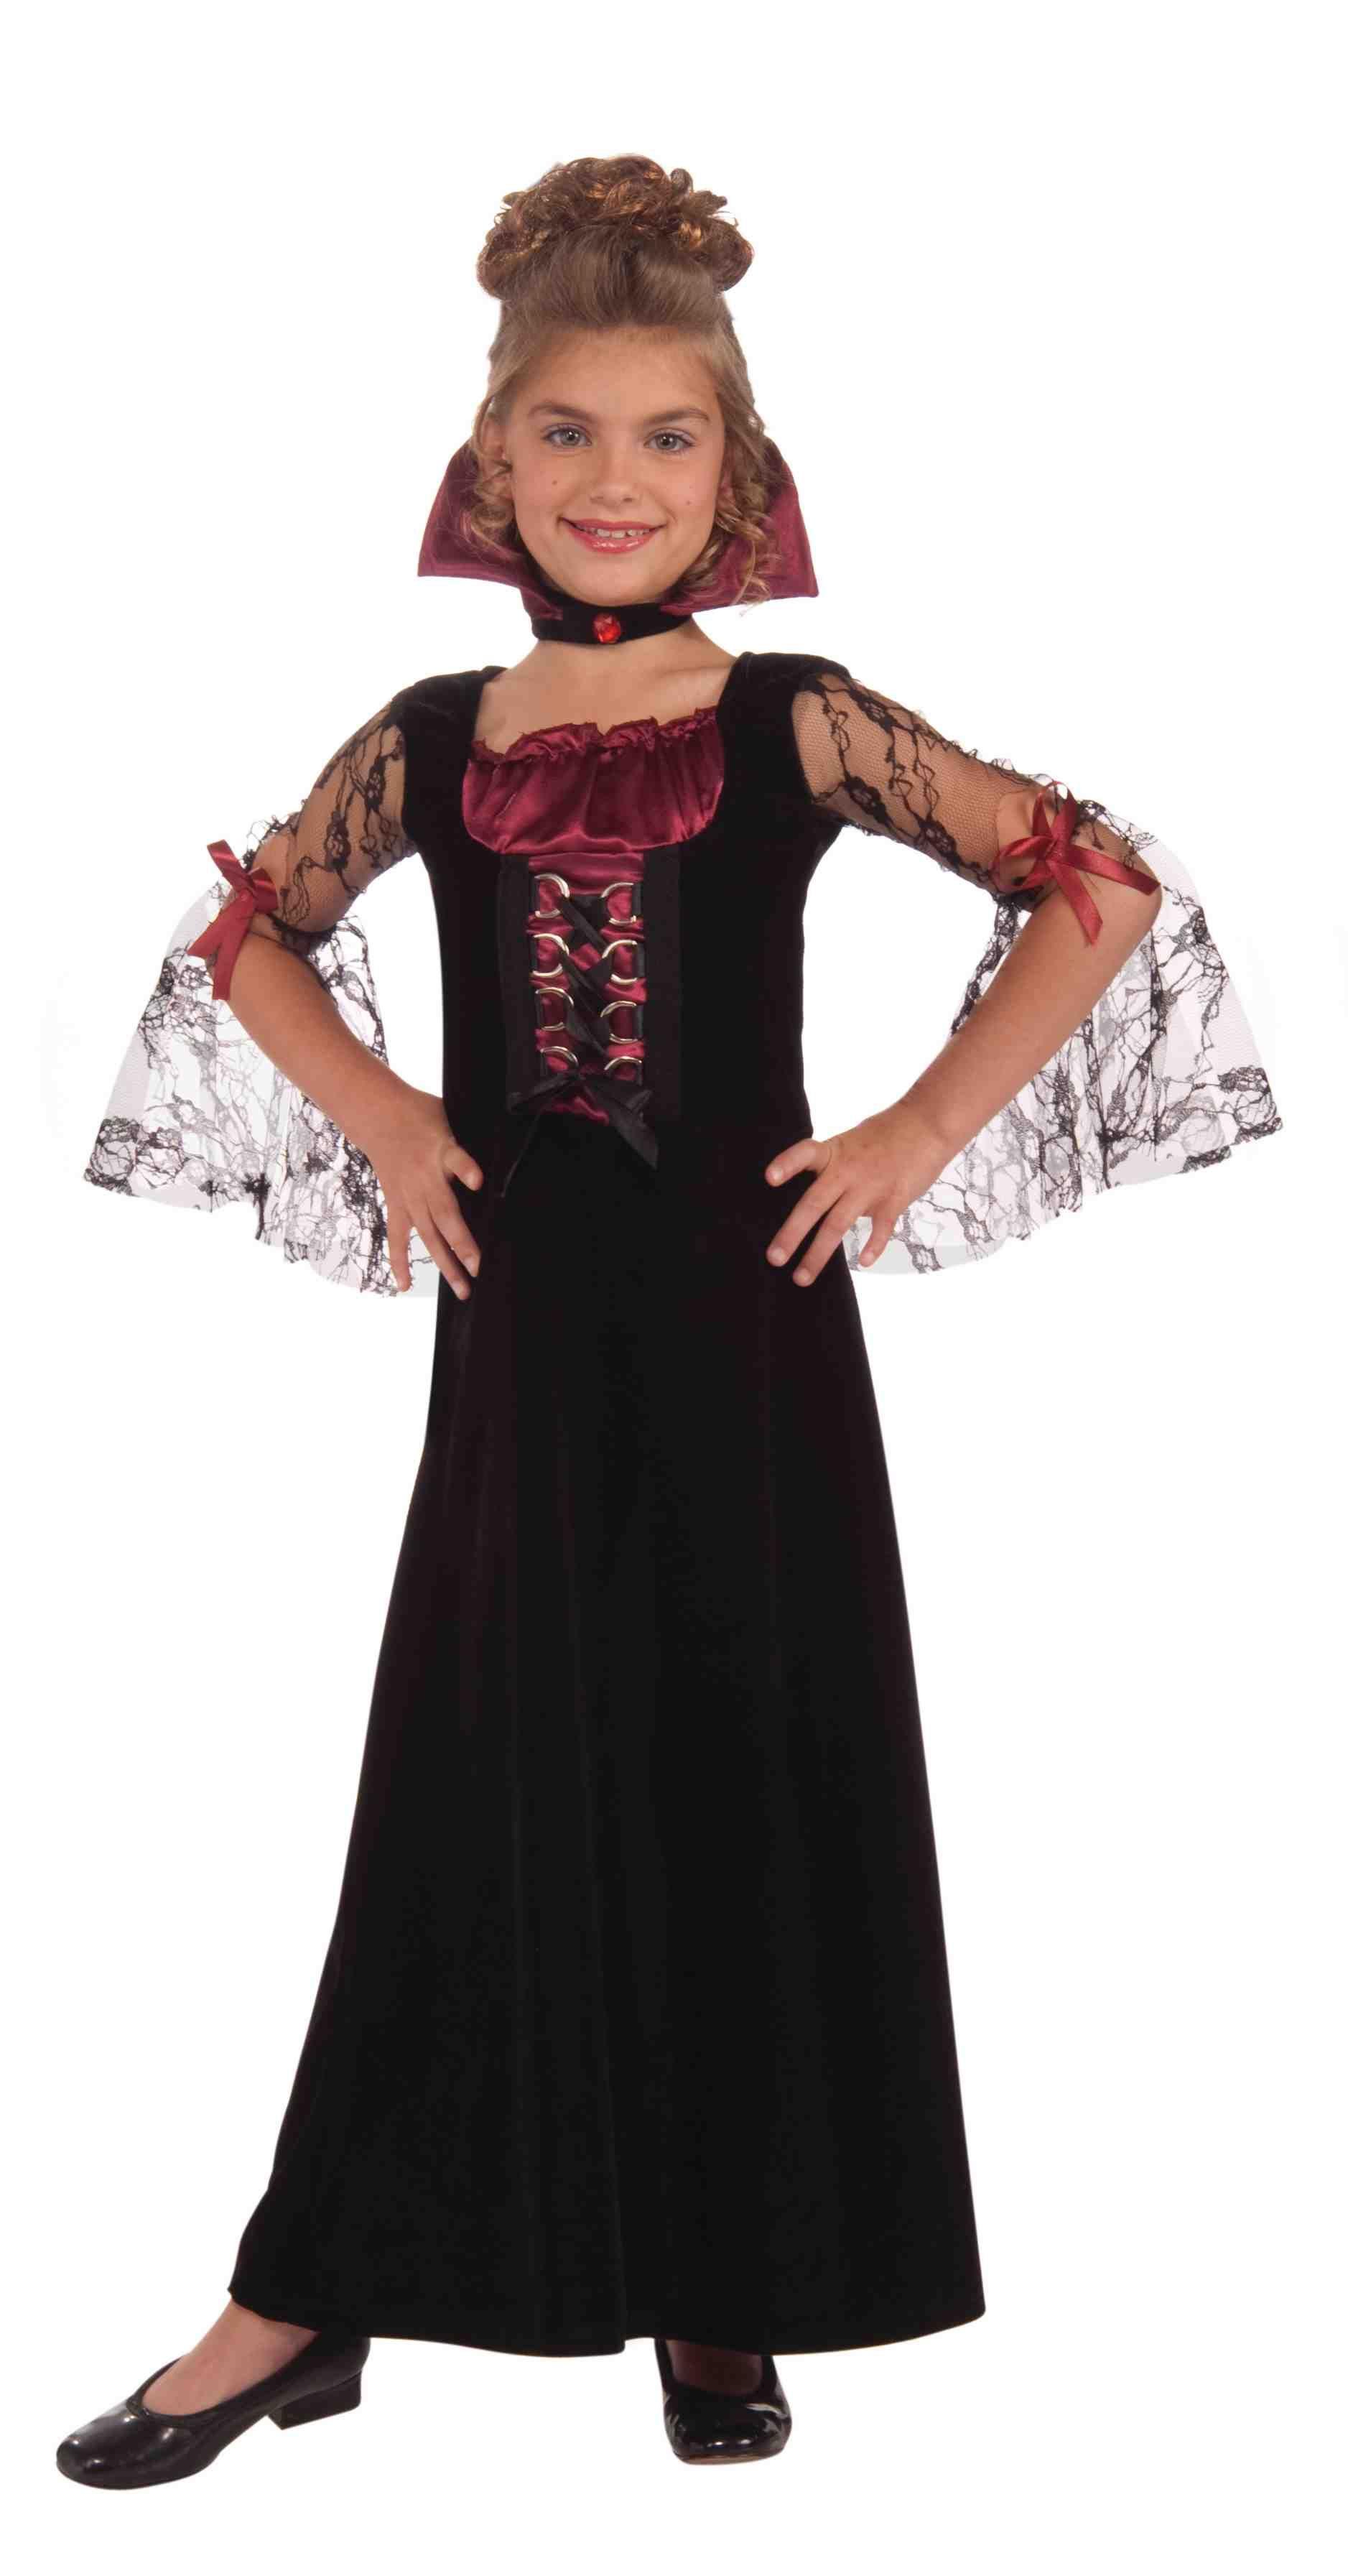 Vampire Costumes for Girls Miss Vampire Costume 16.89